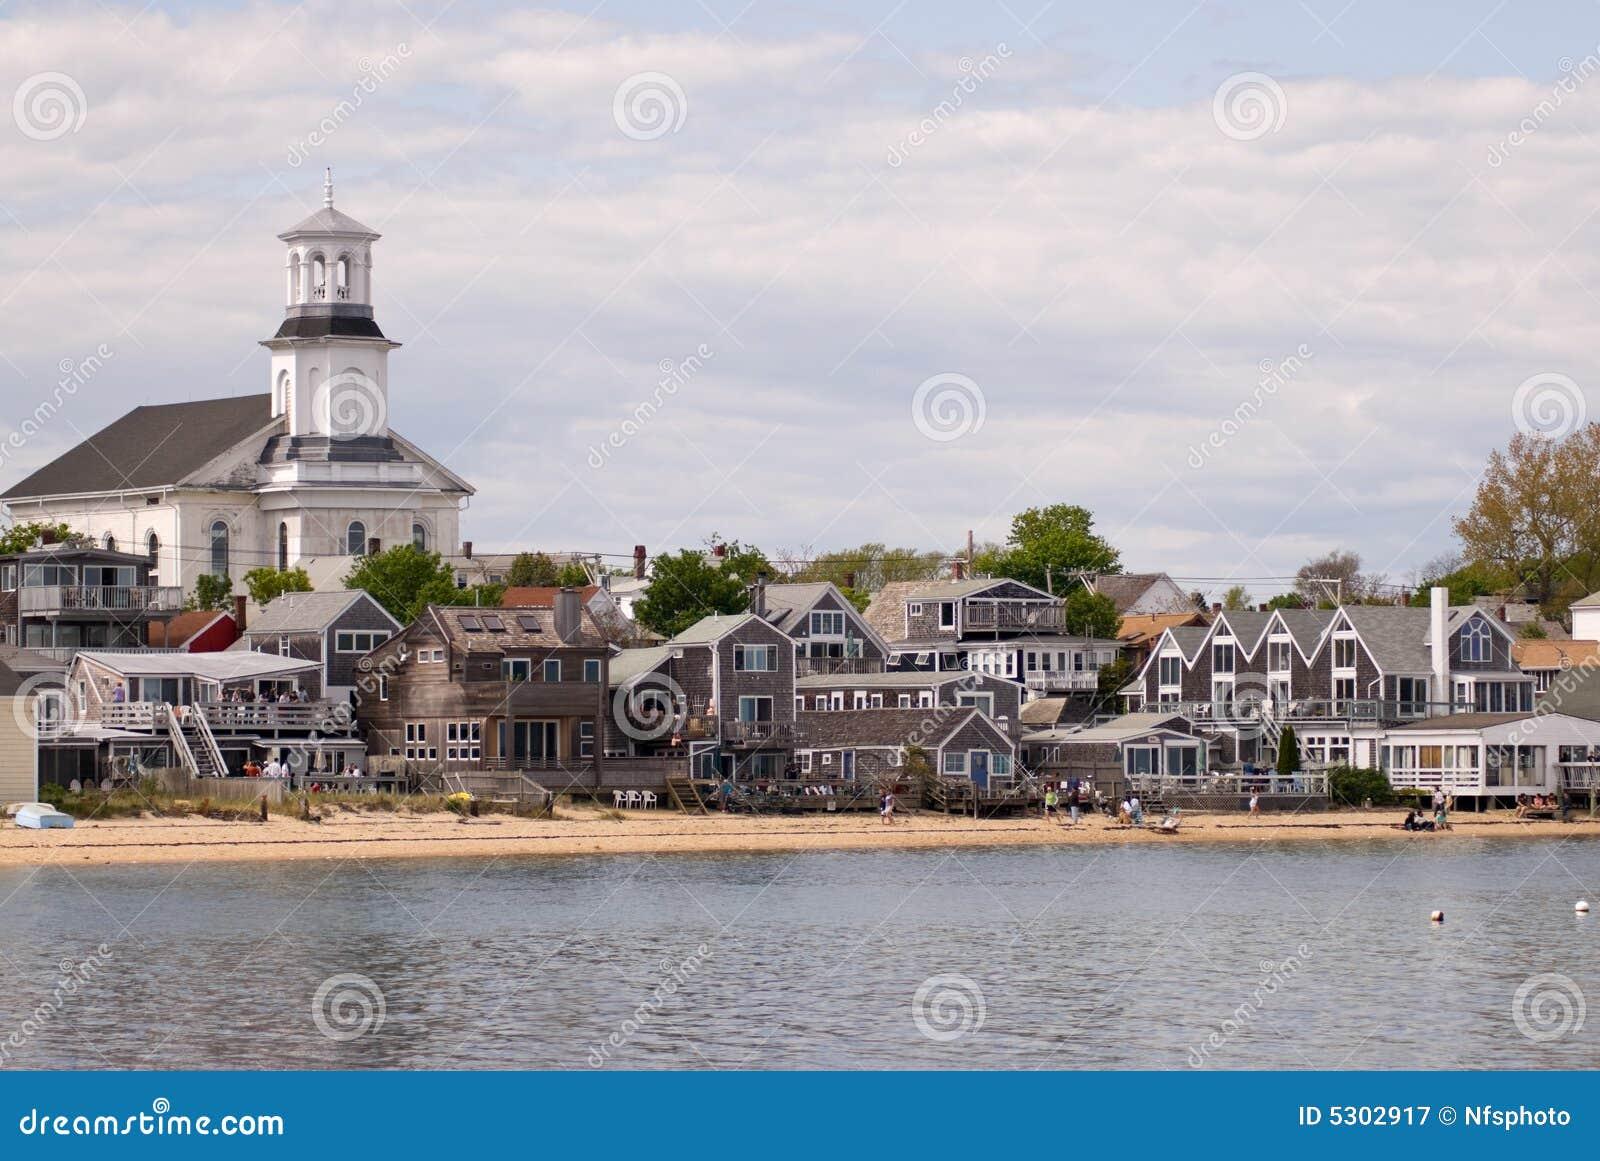 De huizen van Beachfront in Provincetown, de Kabeljauw van de Kaap